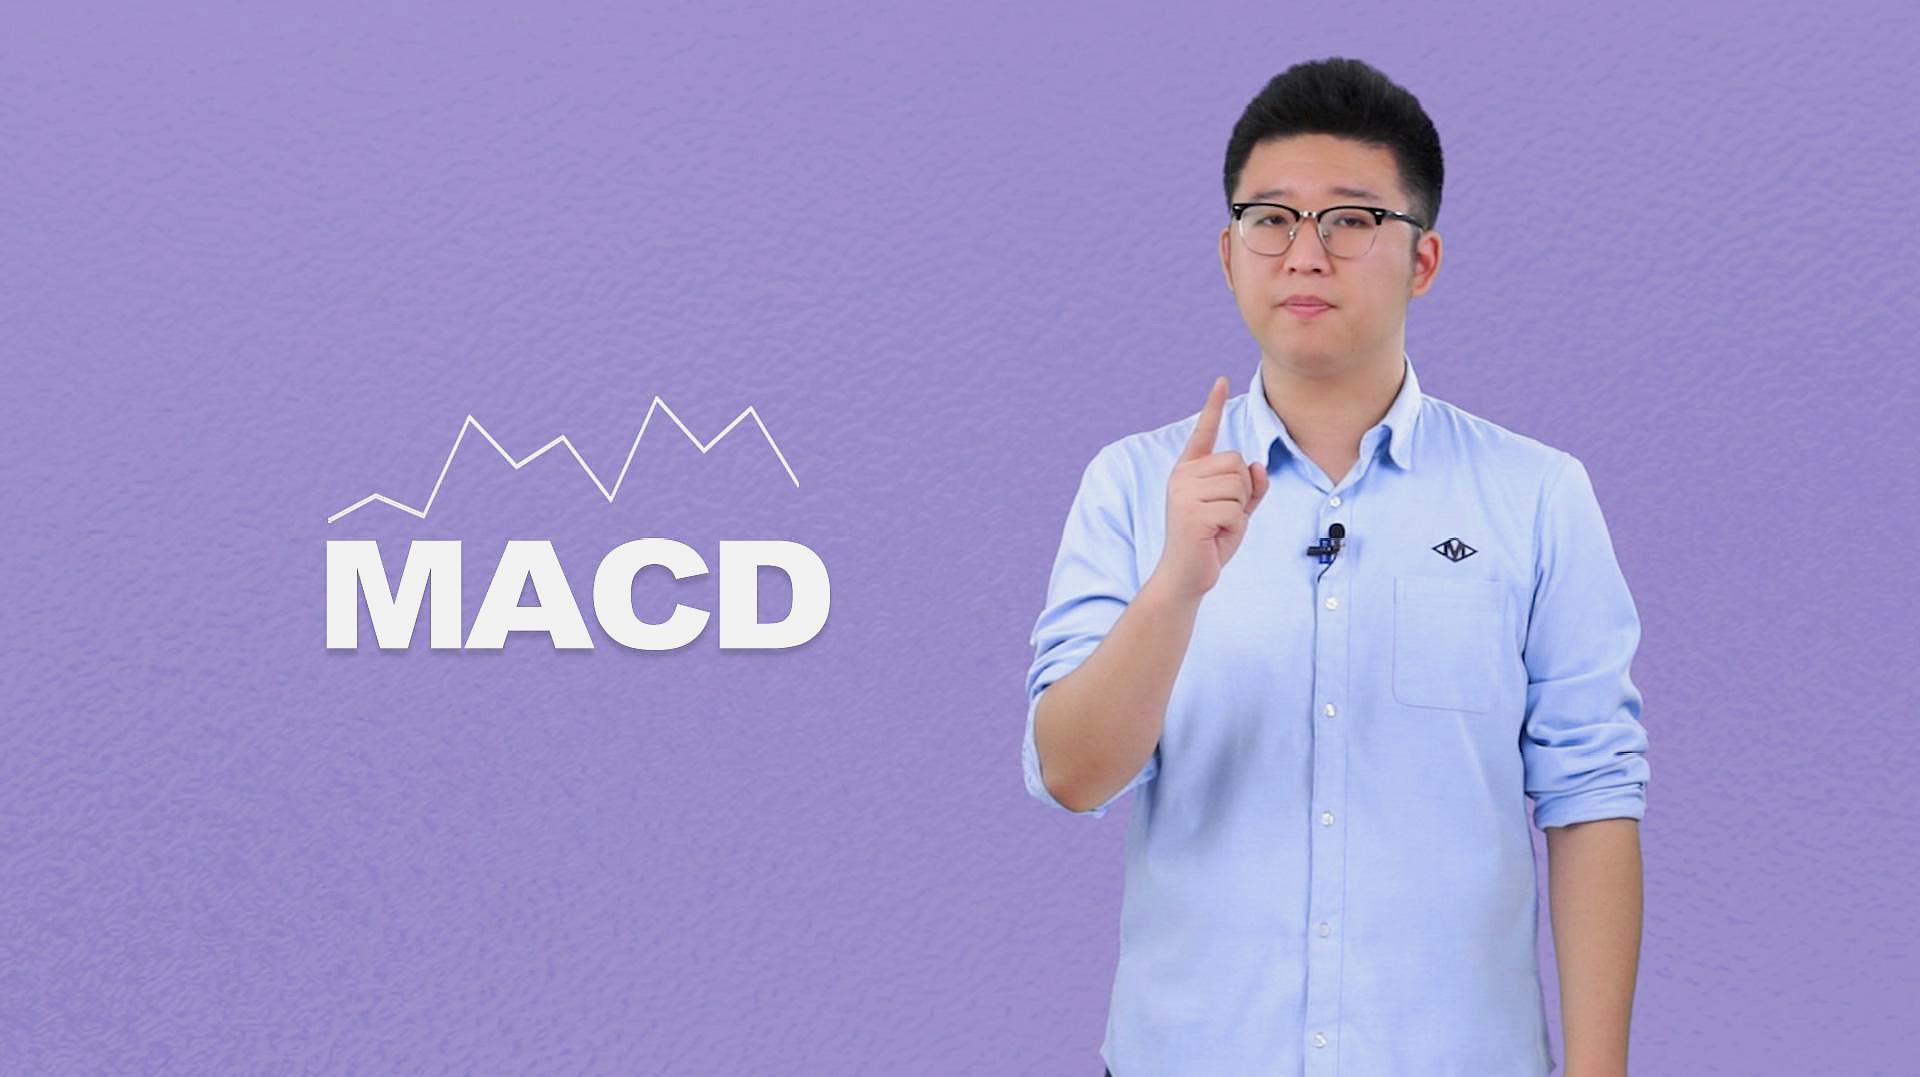 600720股票,股票MACD是什么